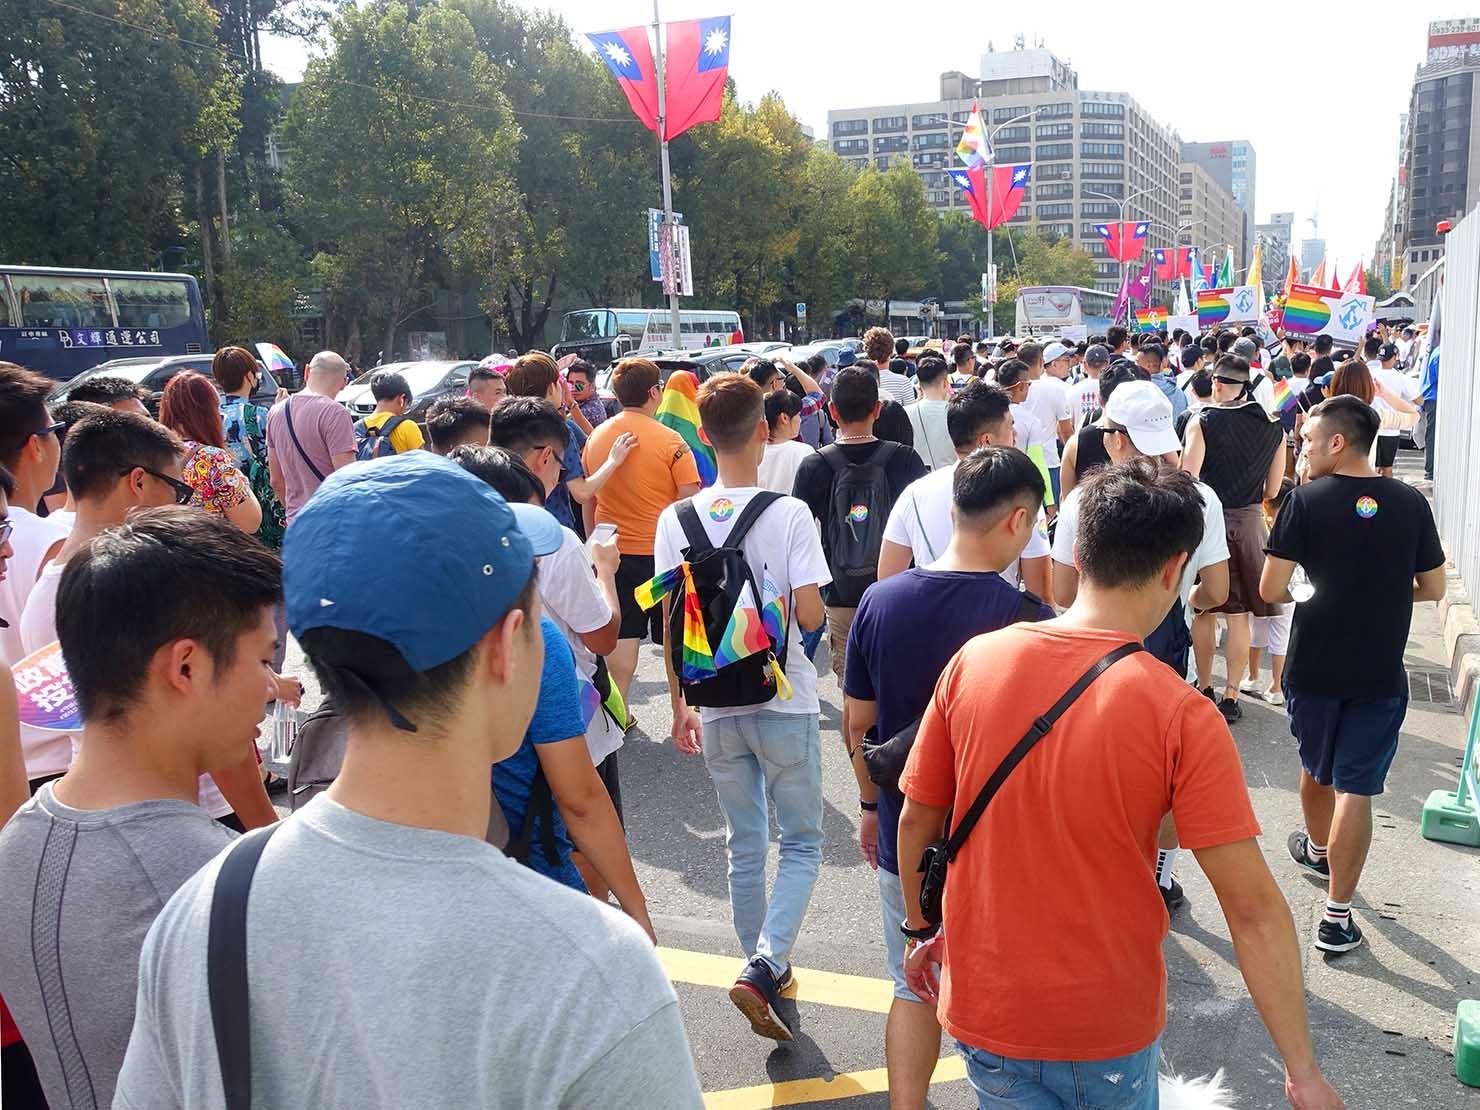 台灣同志遊行(台湾LGBTプライド)2019で忠孝東路を歩き始めるパレード隊列